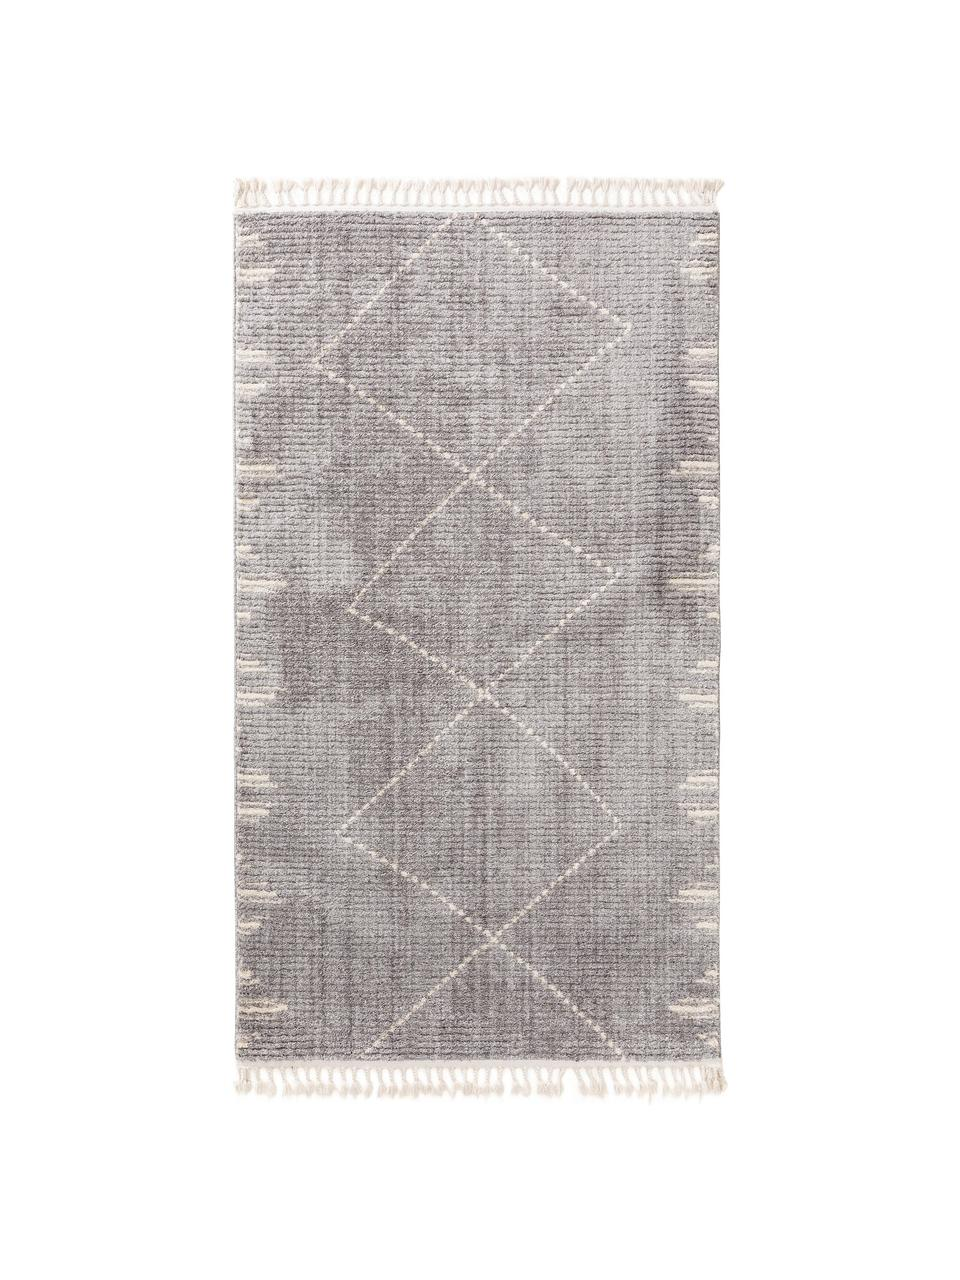 Hochflor-Teppich Bosse mit Bohomuster und Fransen, 100% Polyester, Grau, Cremeweiß, B 160 x L 230 cm (Größe M)